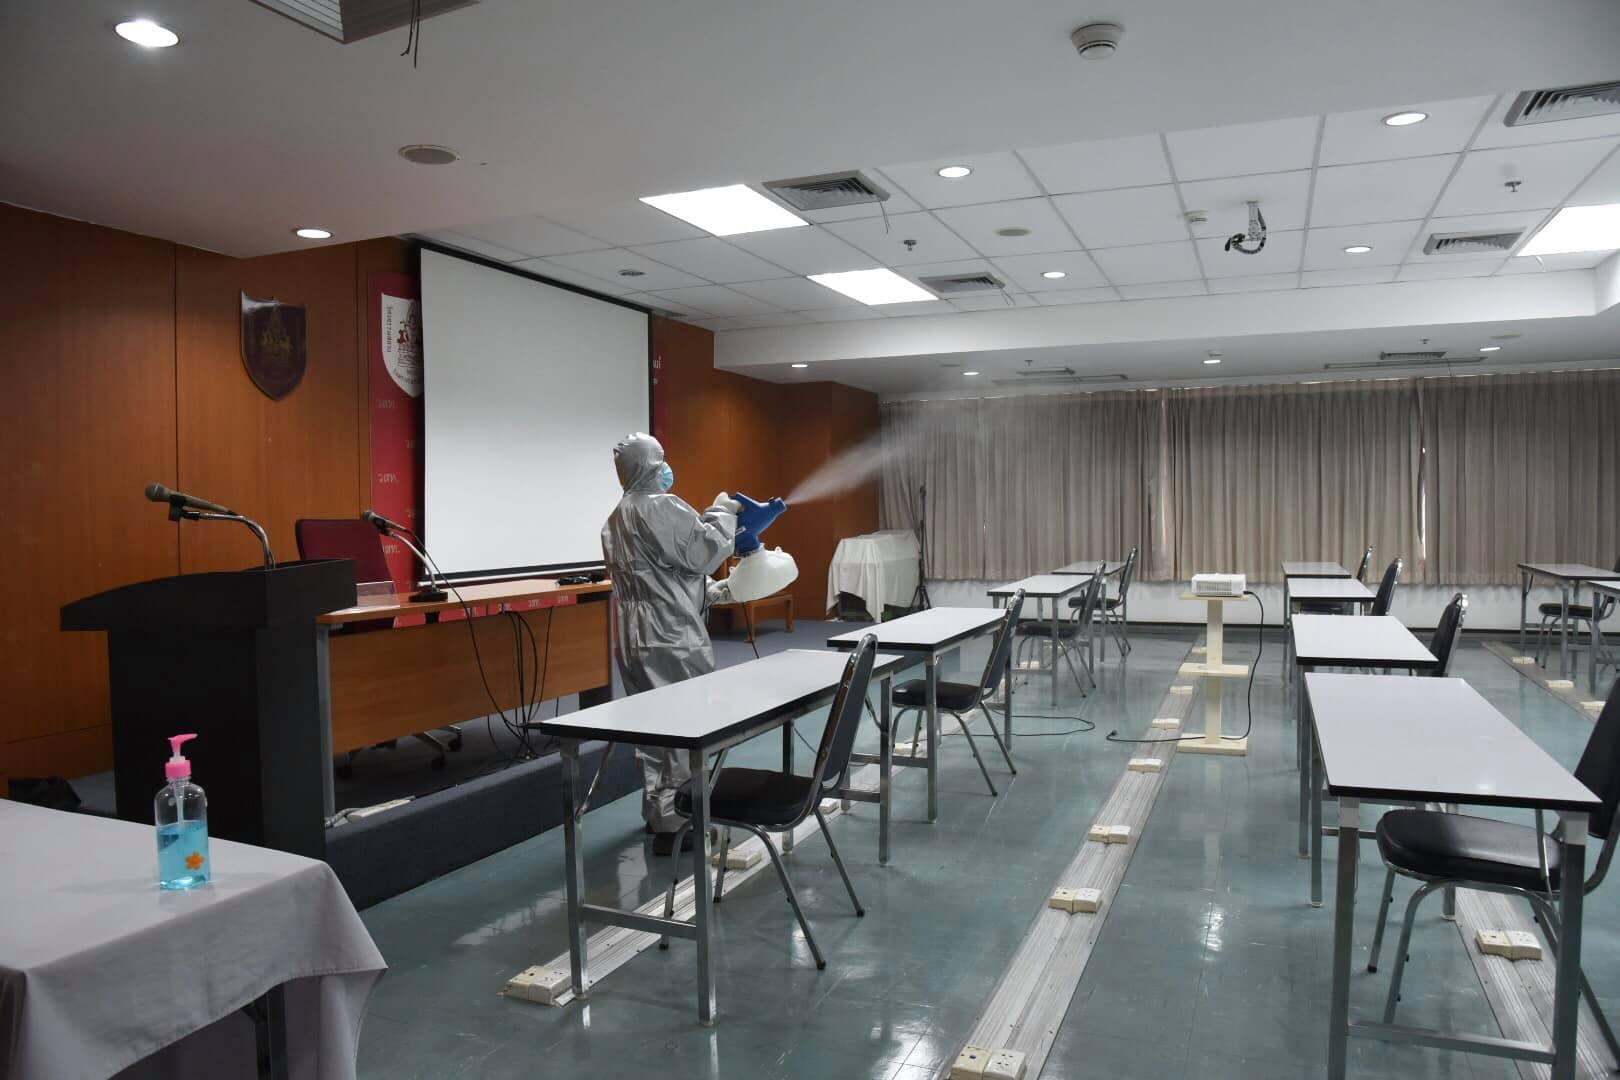 มาตรการป้องกันการแพร่ระบาดเชื้อไวรัส COVID-19 ของวิศวกรรมสถานแห่งประเทศไทย ในพระบรมราชูปถัมภ์